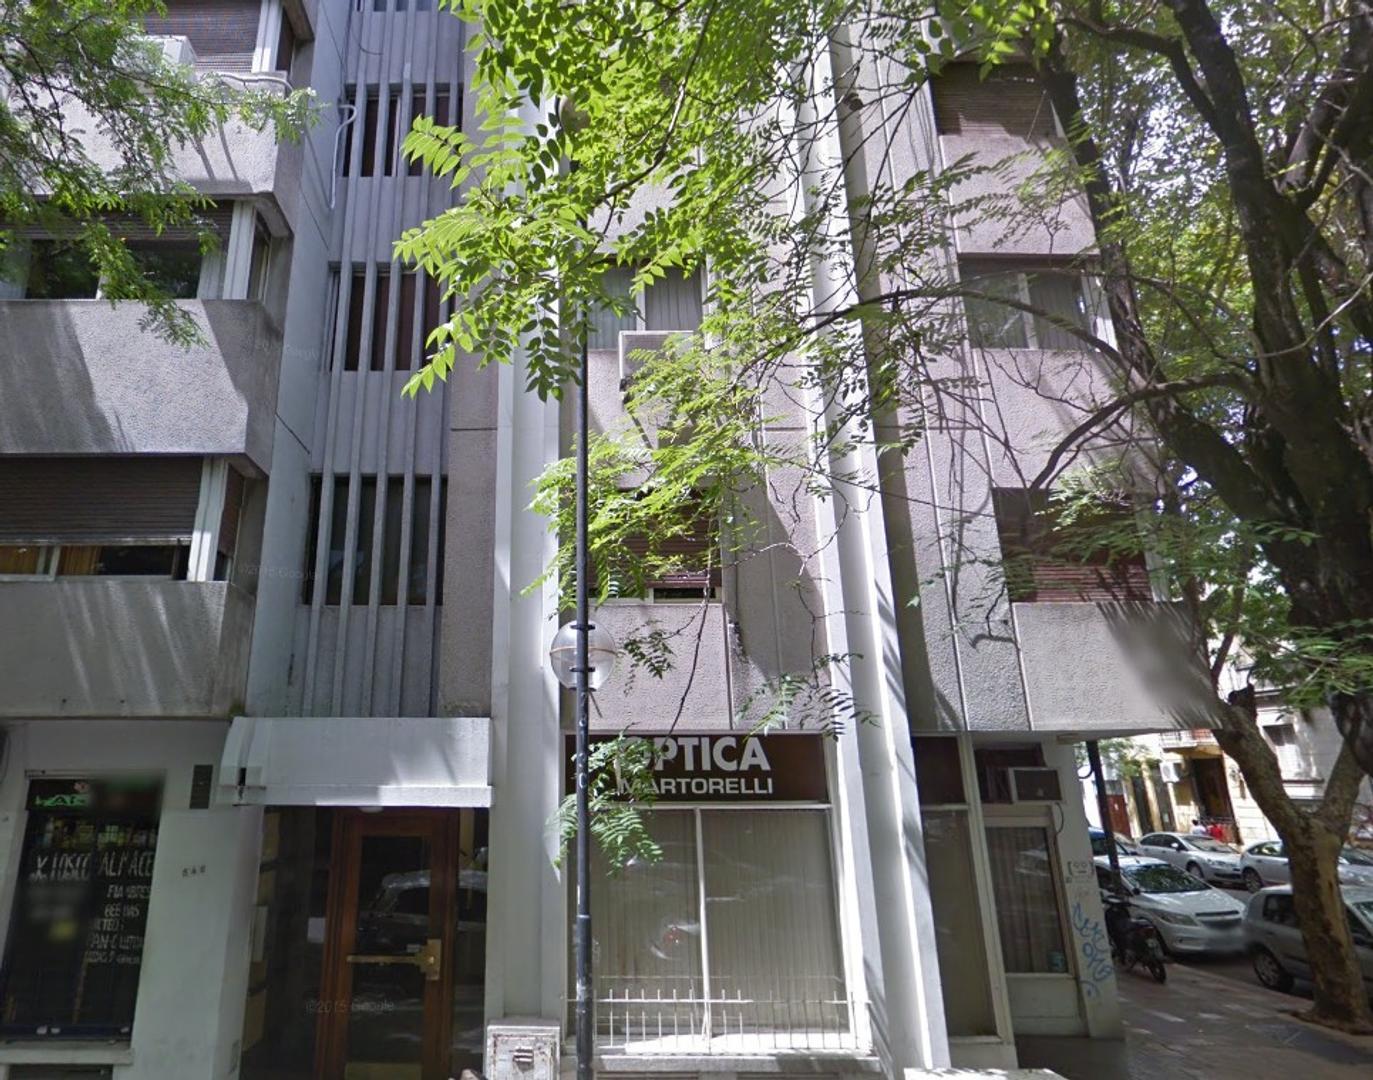 Departamento en Venta La Plata Calle 55 esq 6 Dacal Bienes Raices